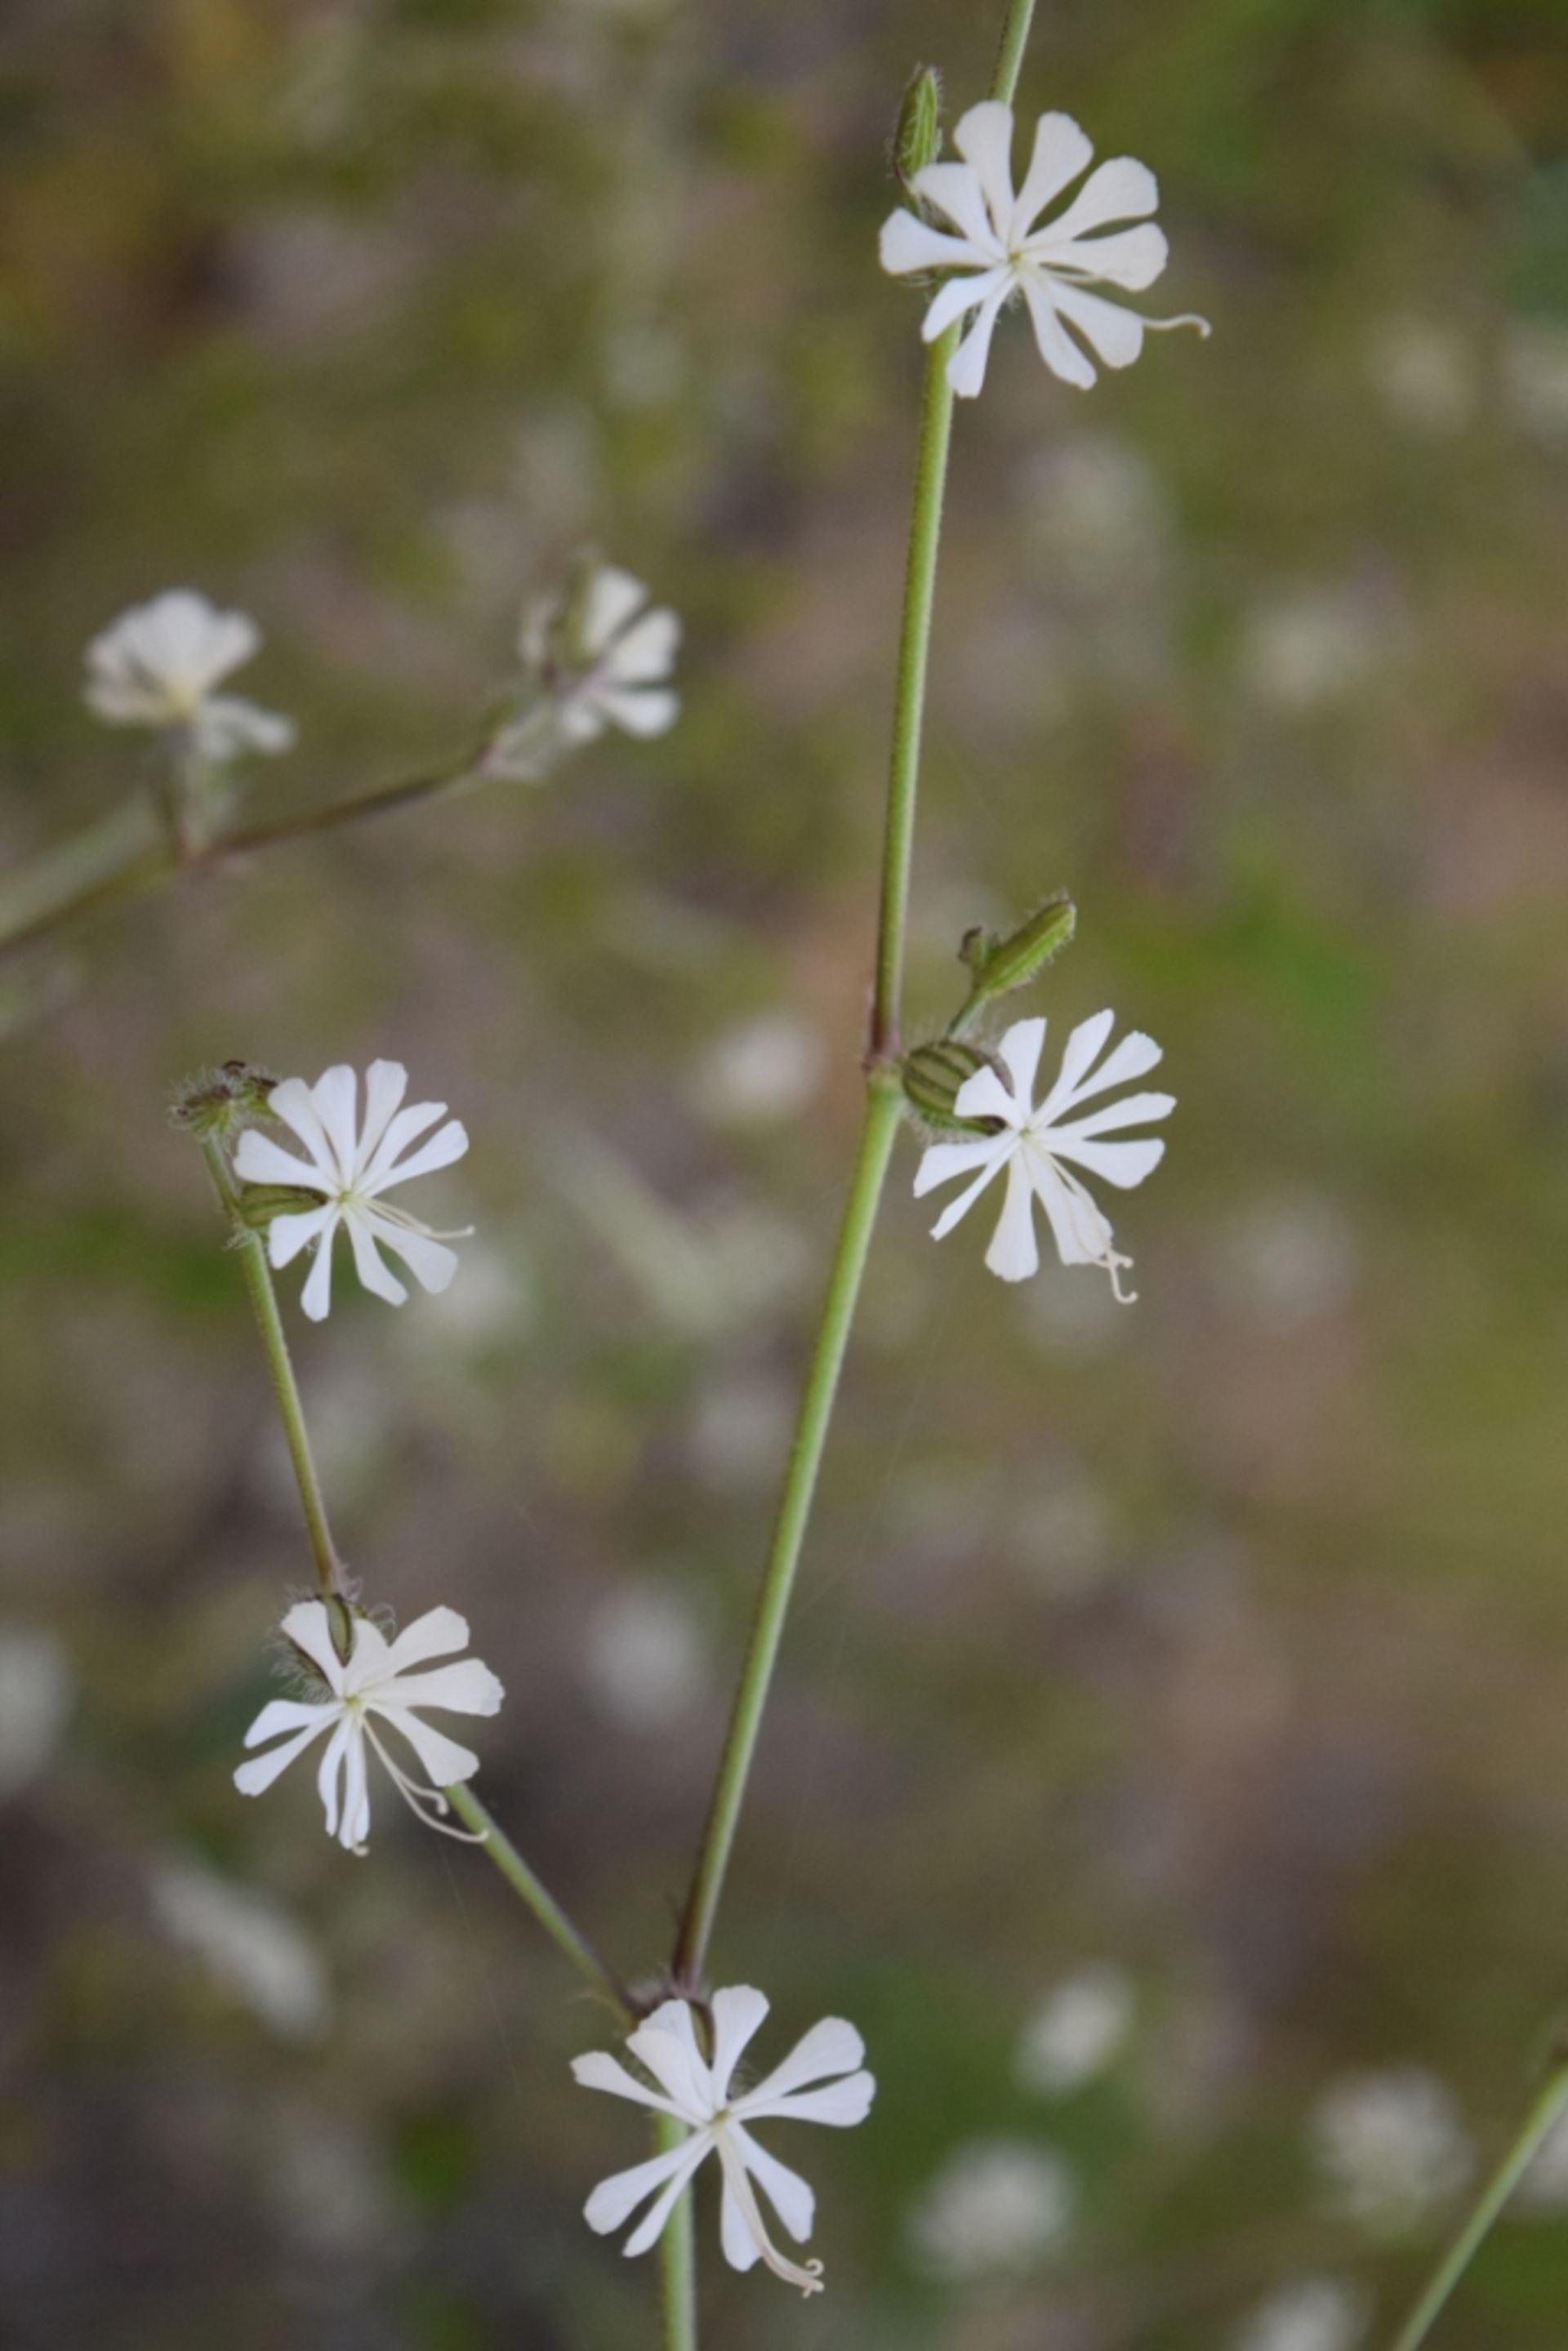 Silene dichotoma Ehrh. subsp. dichotoma